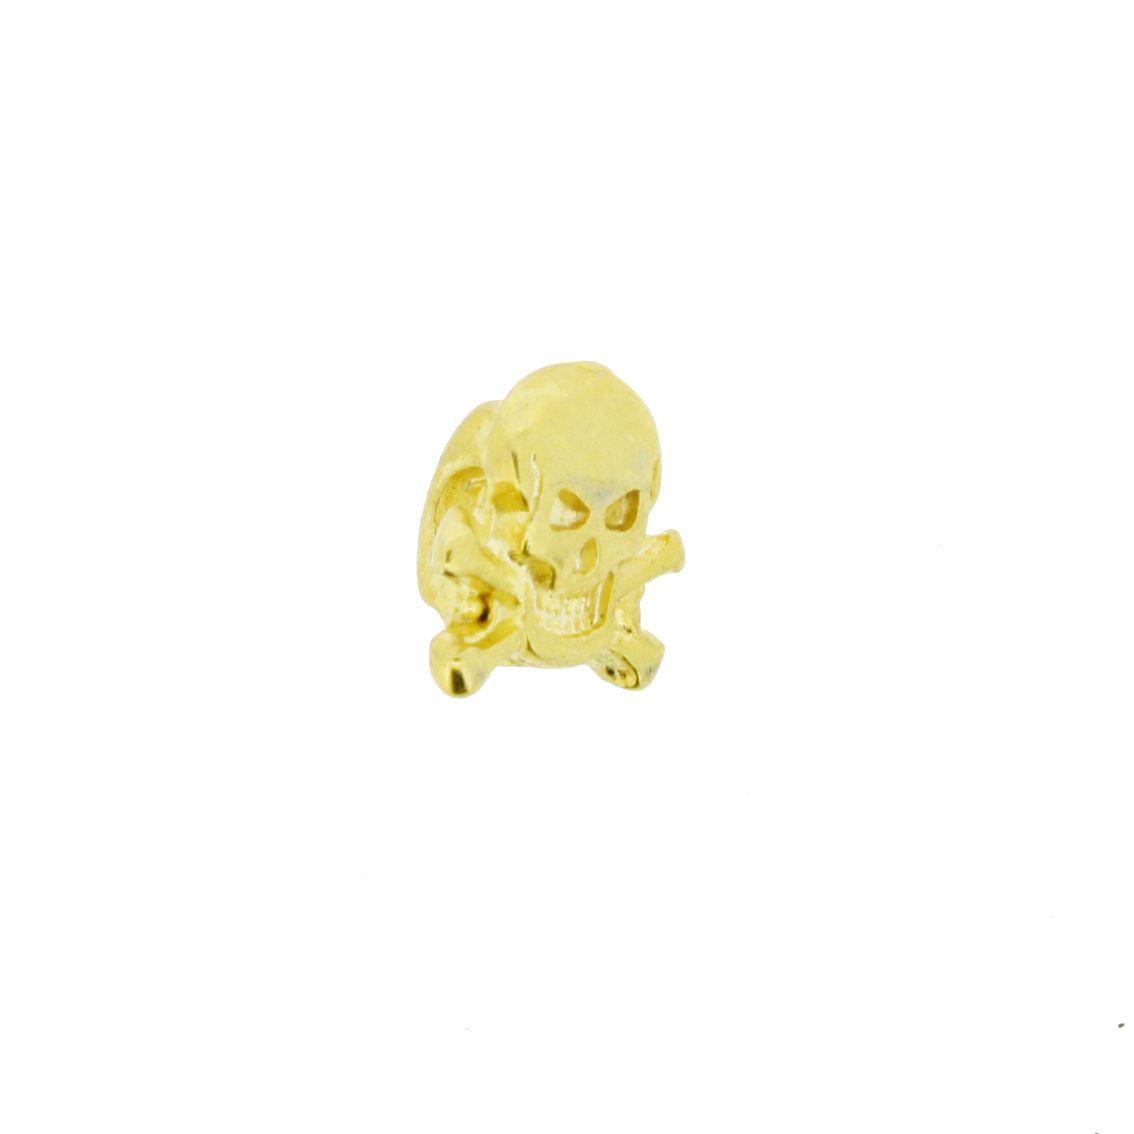 Caveira - Dourado - 10mm - 01 Peça  - Universo Religioso® - Artigos de Umbanda e Candomblé